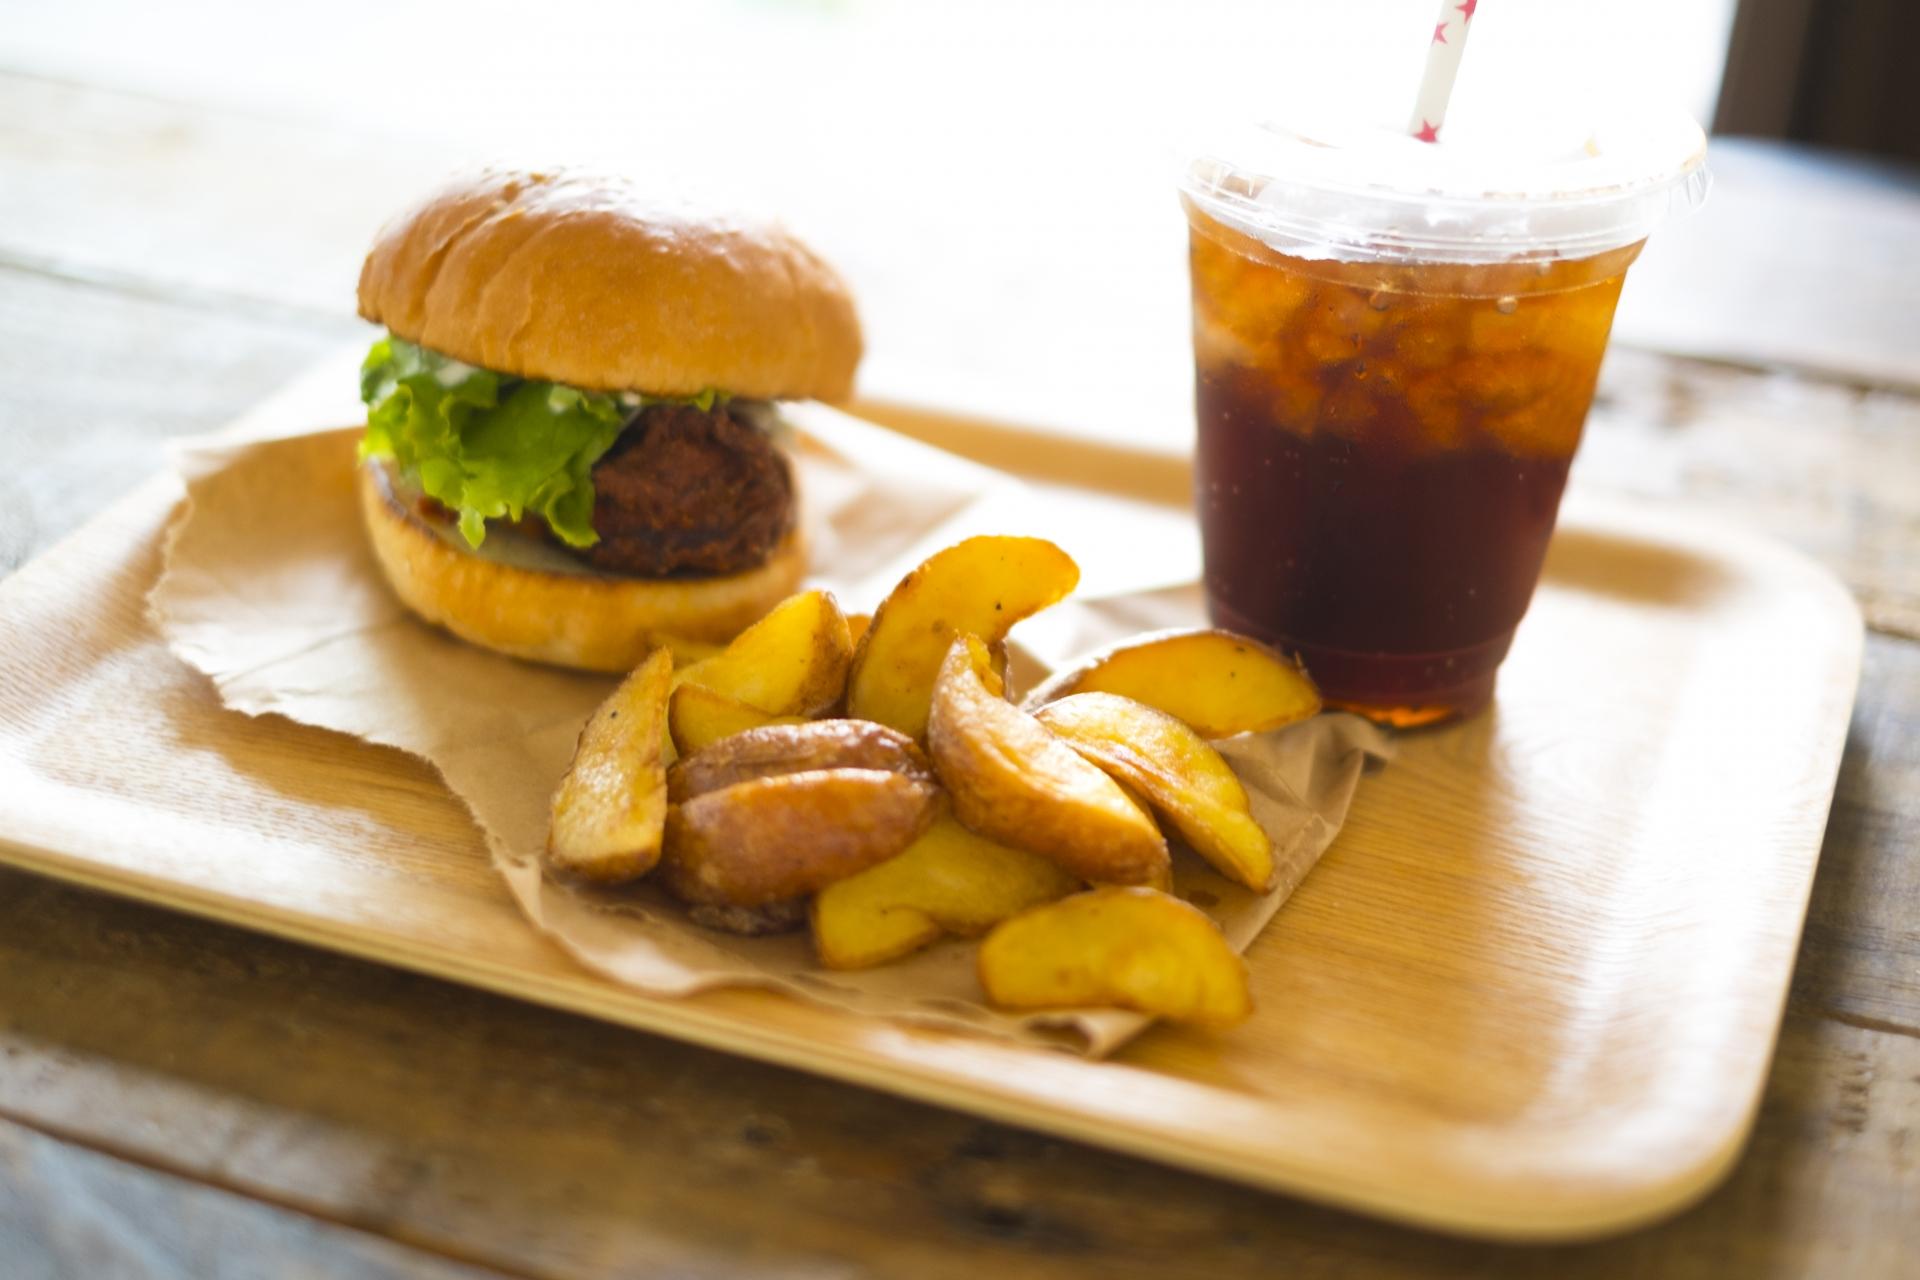 浜松のおすすめハンバーガーショップ15選!人気店のメニューや営業時間も紹介!